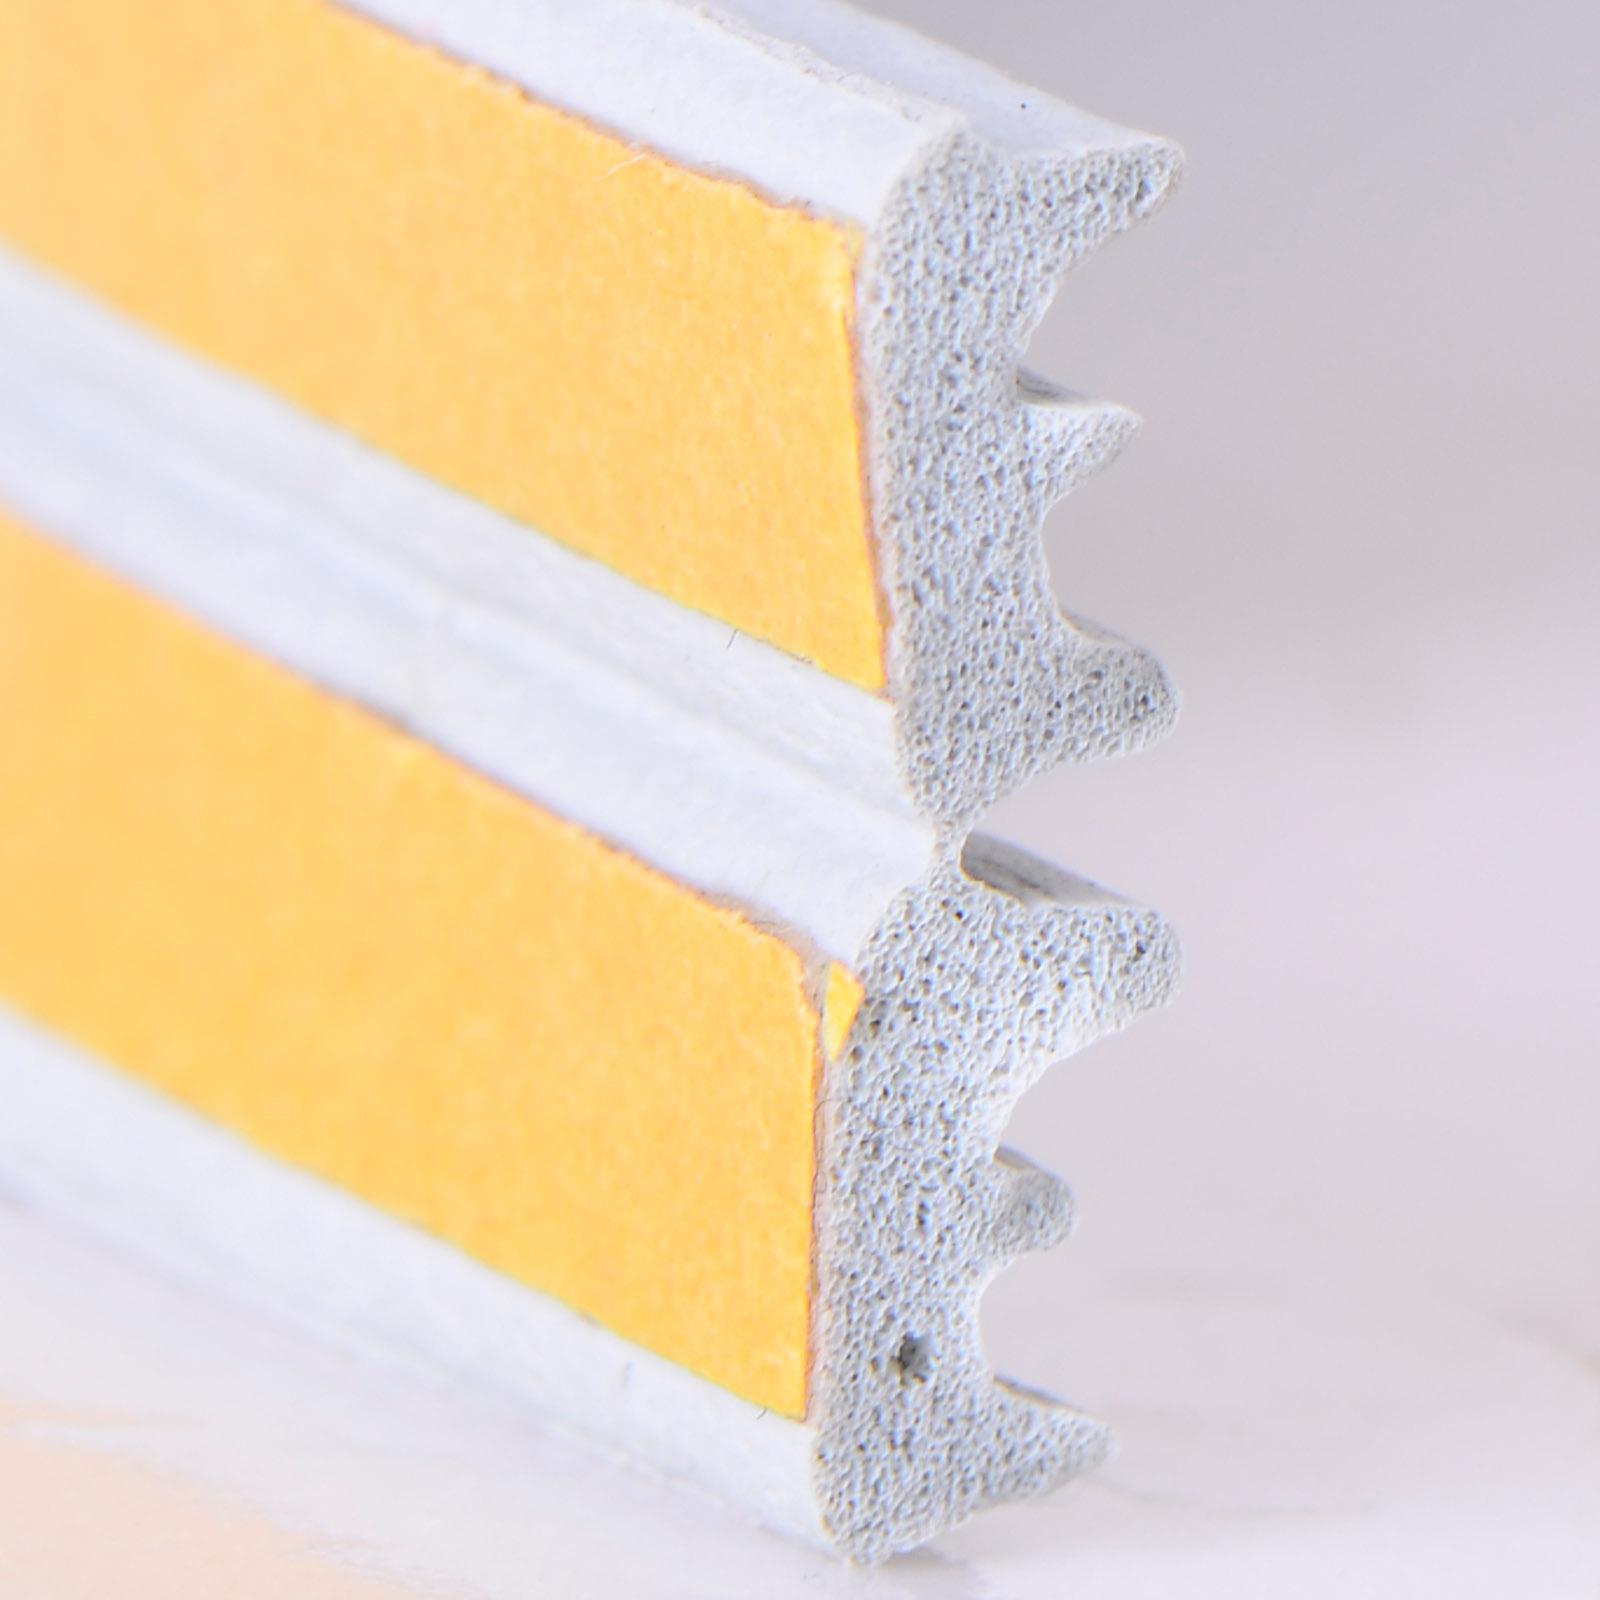 joint caoutchouc mousse adhesif fenetre porte 10m forme profile e gris. Black Bedroom Furniture Sets. Home Design Ideas